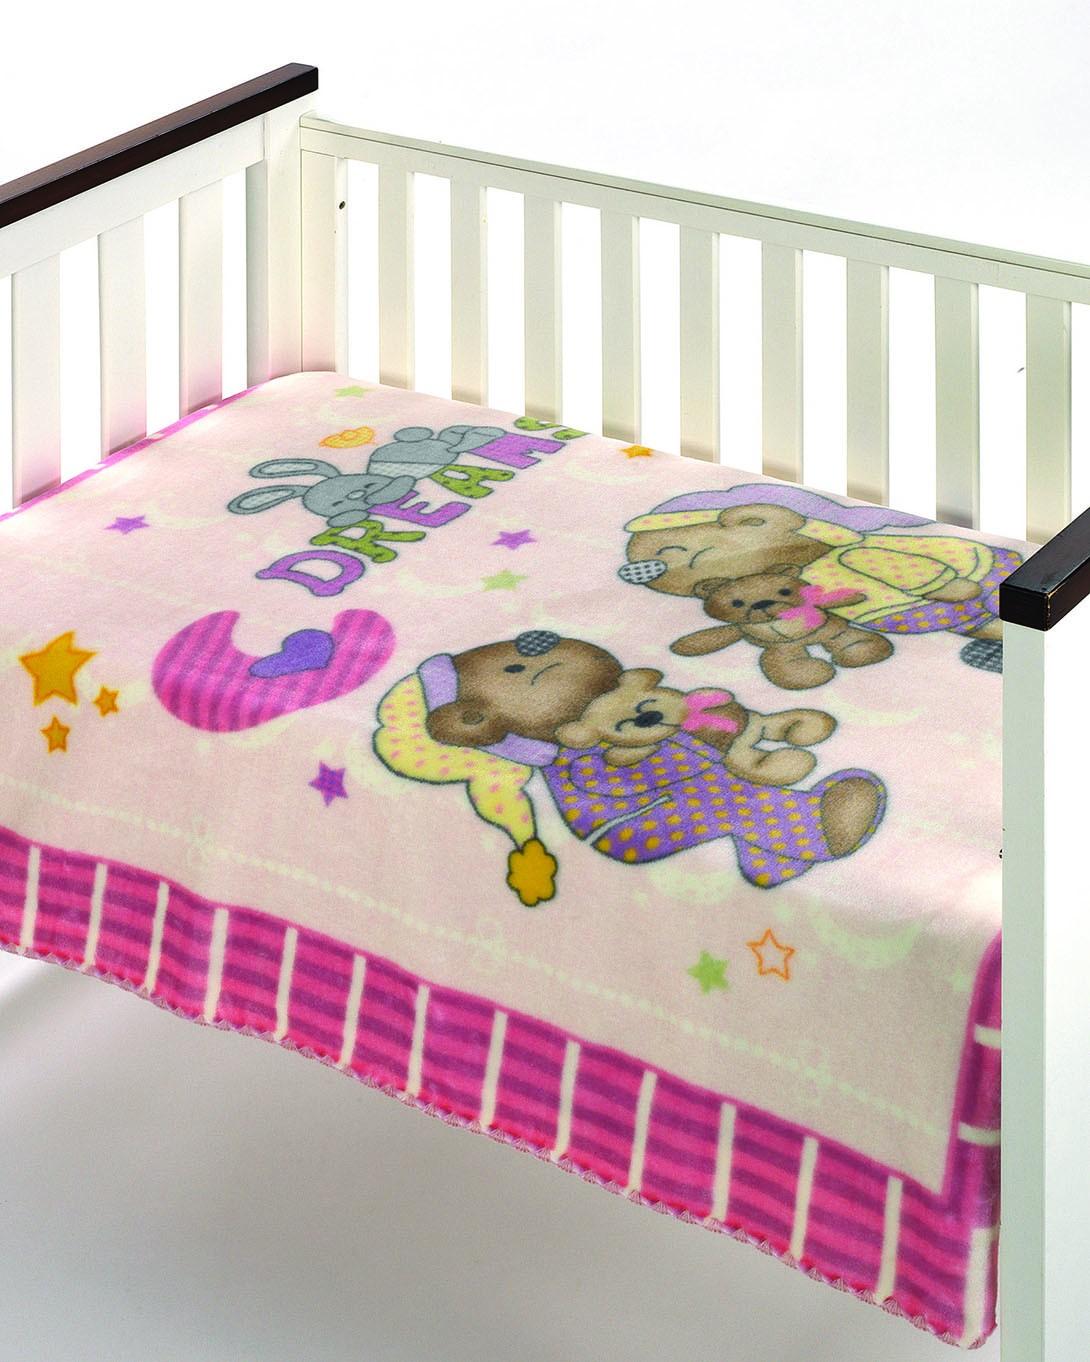 Κουβέρτα Βελουτέ Αγκαλιάς Morven Piccola 273 Ροζ